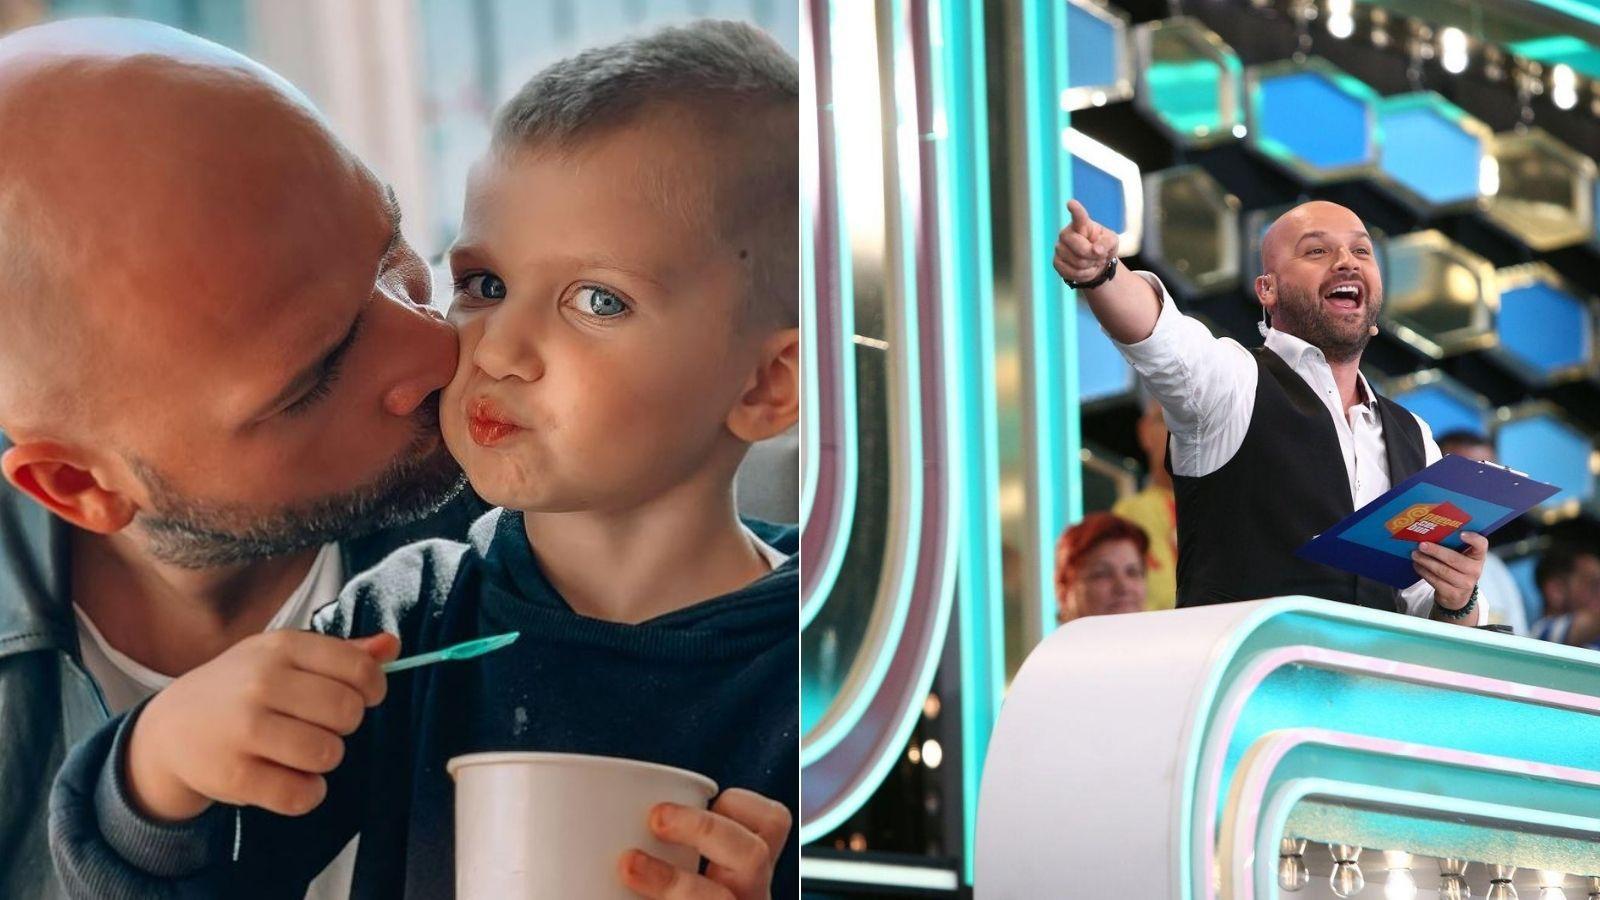 Andrei Ștefănescu, video-ul adorabil cu băiețelul său care a emoționat fanii. Cât de mare a crescut și ce pozne face Ayan